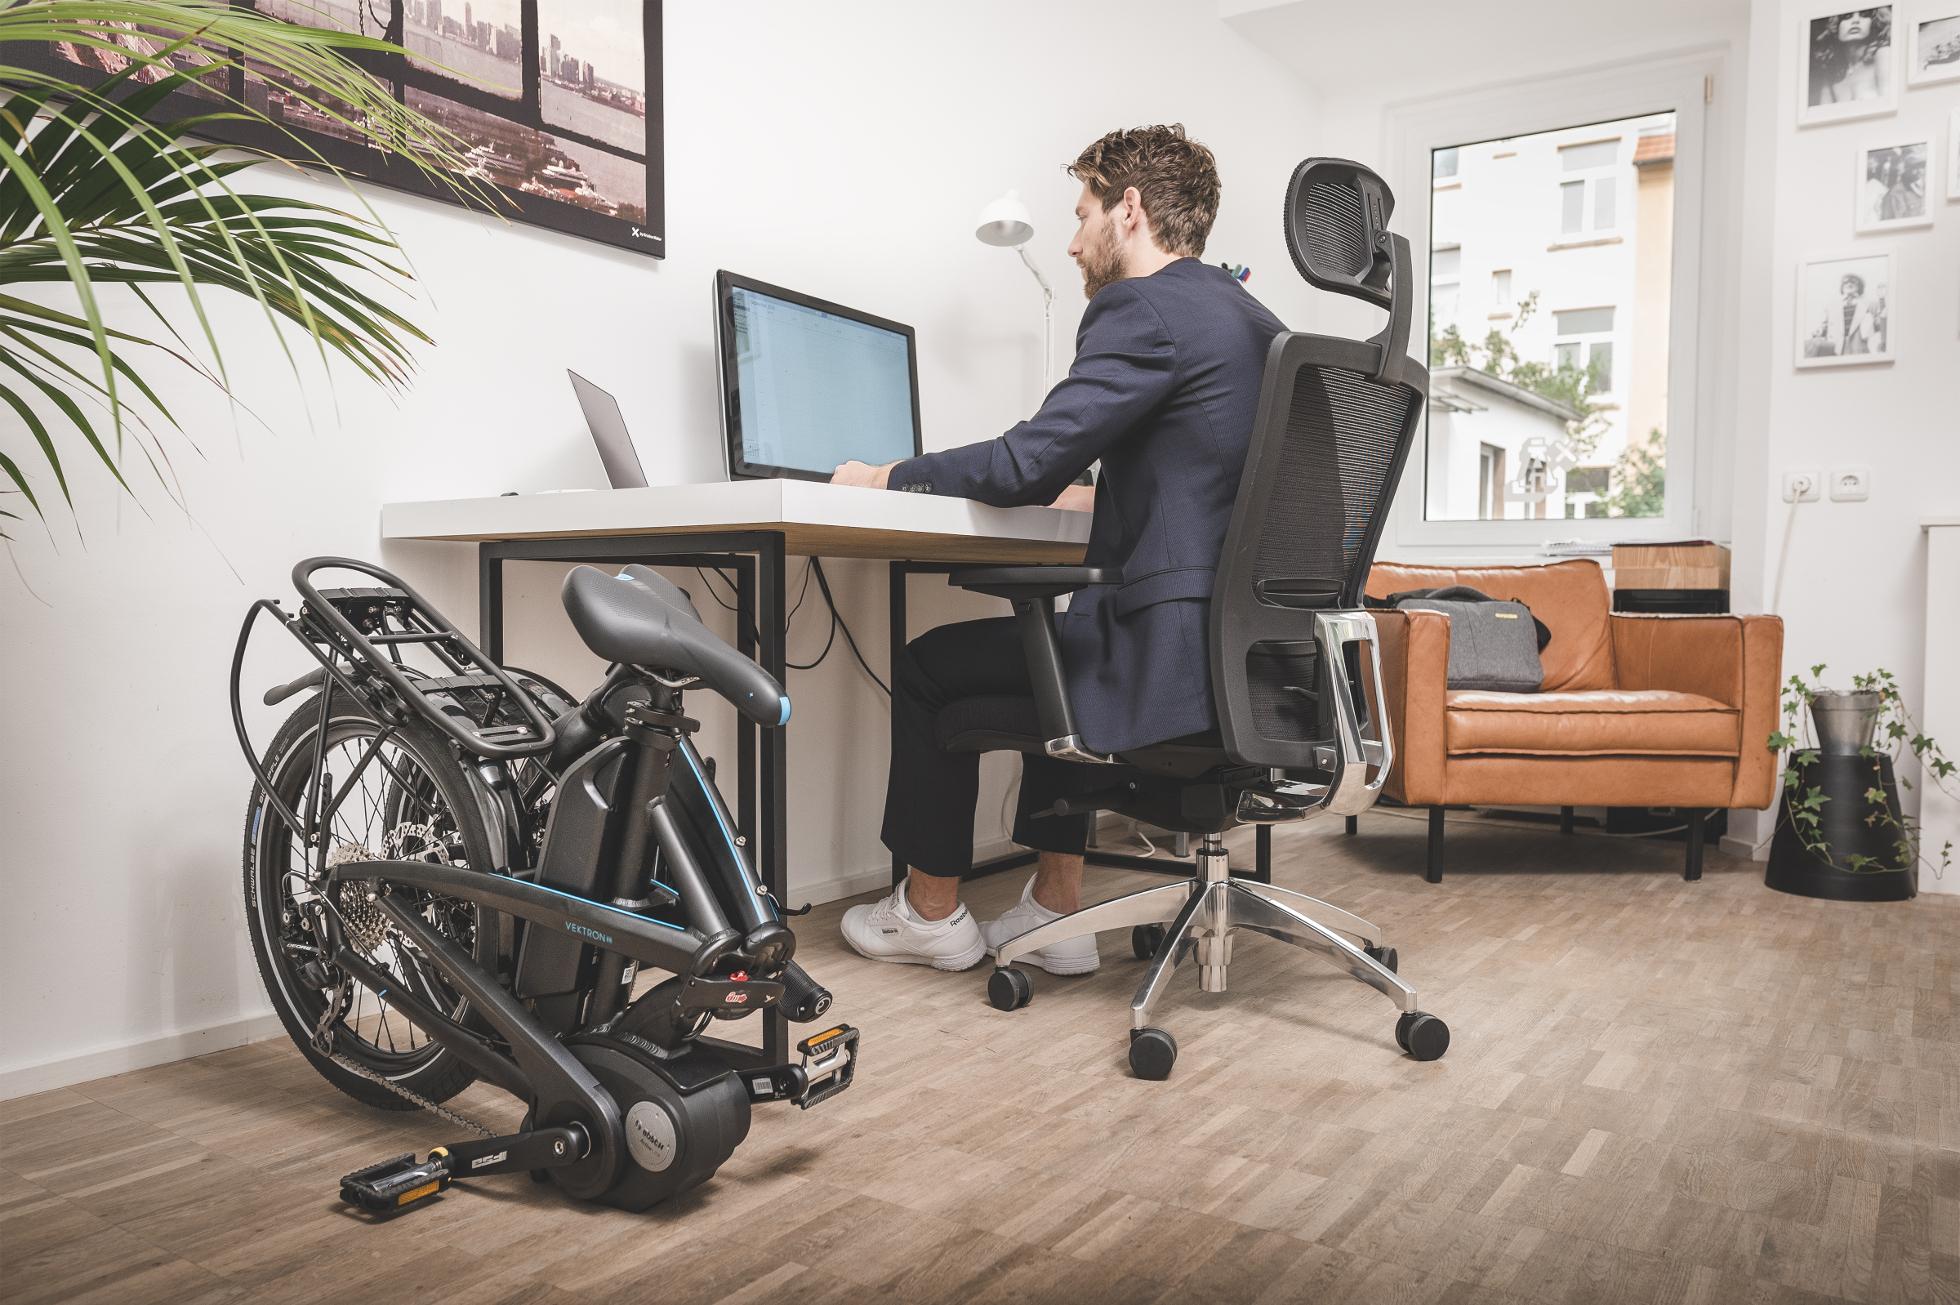 Kết quả hình ảnh cho Tern Vektron electric folding bike